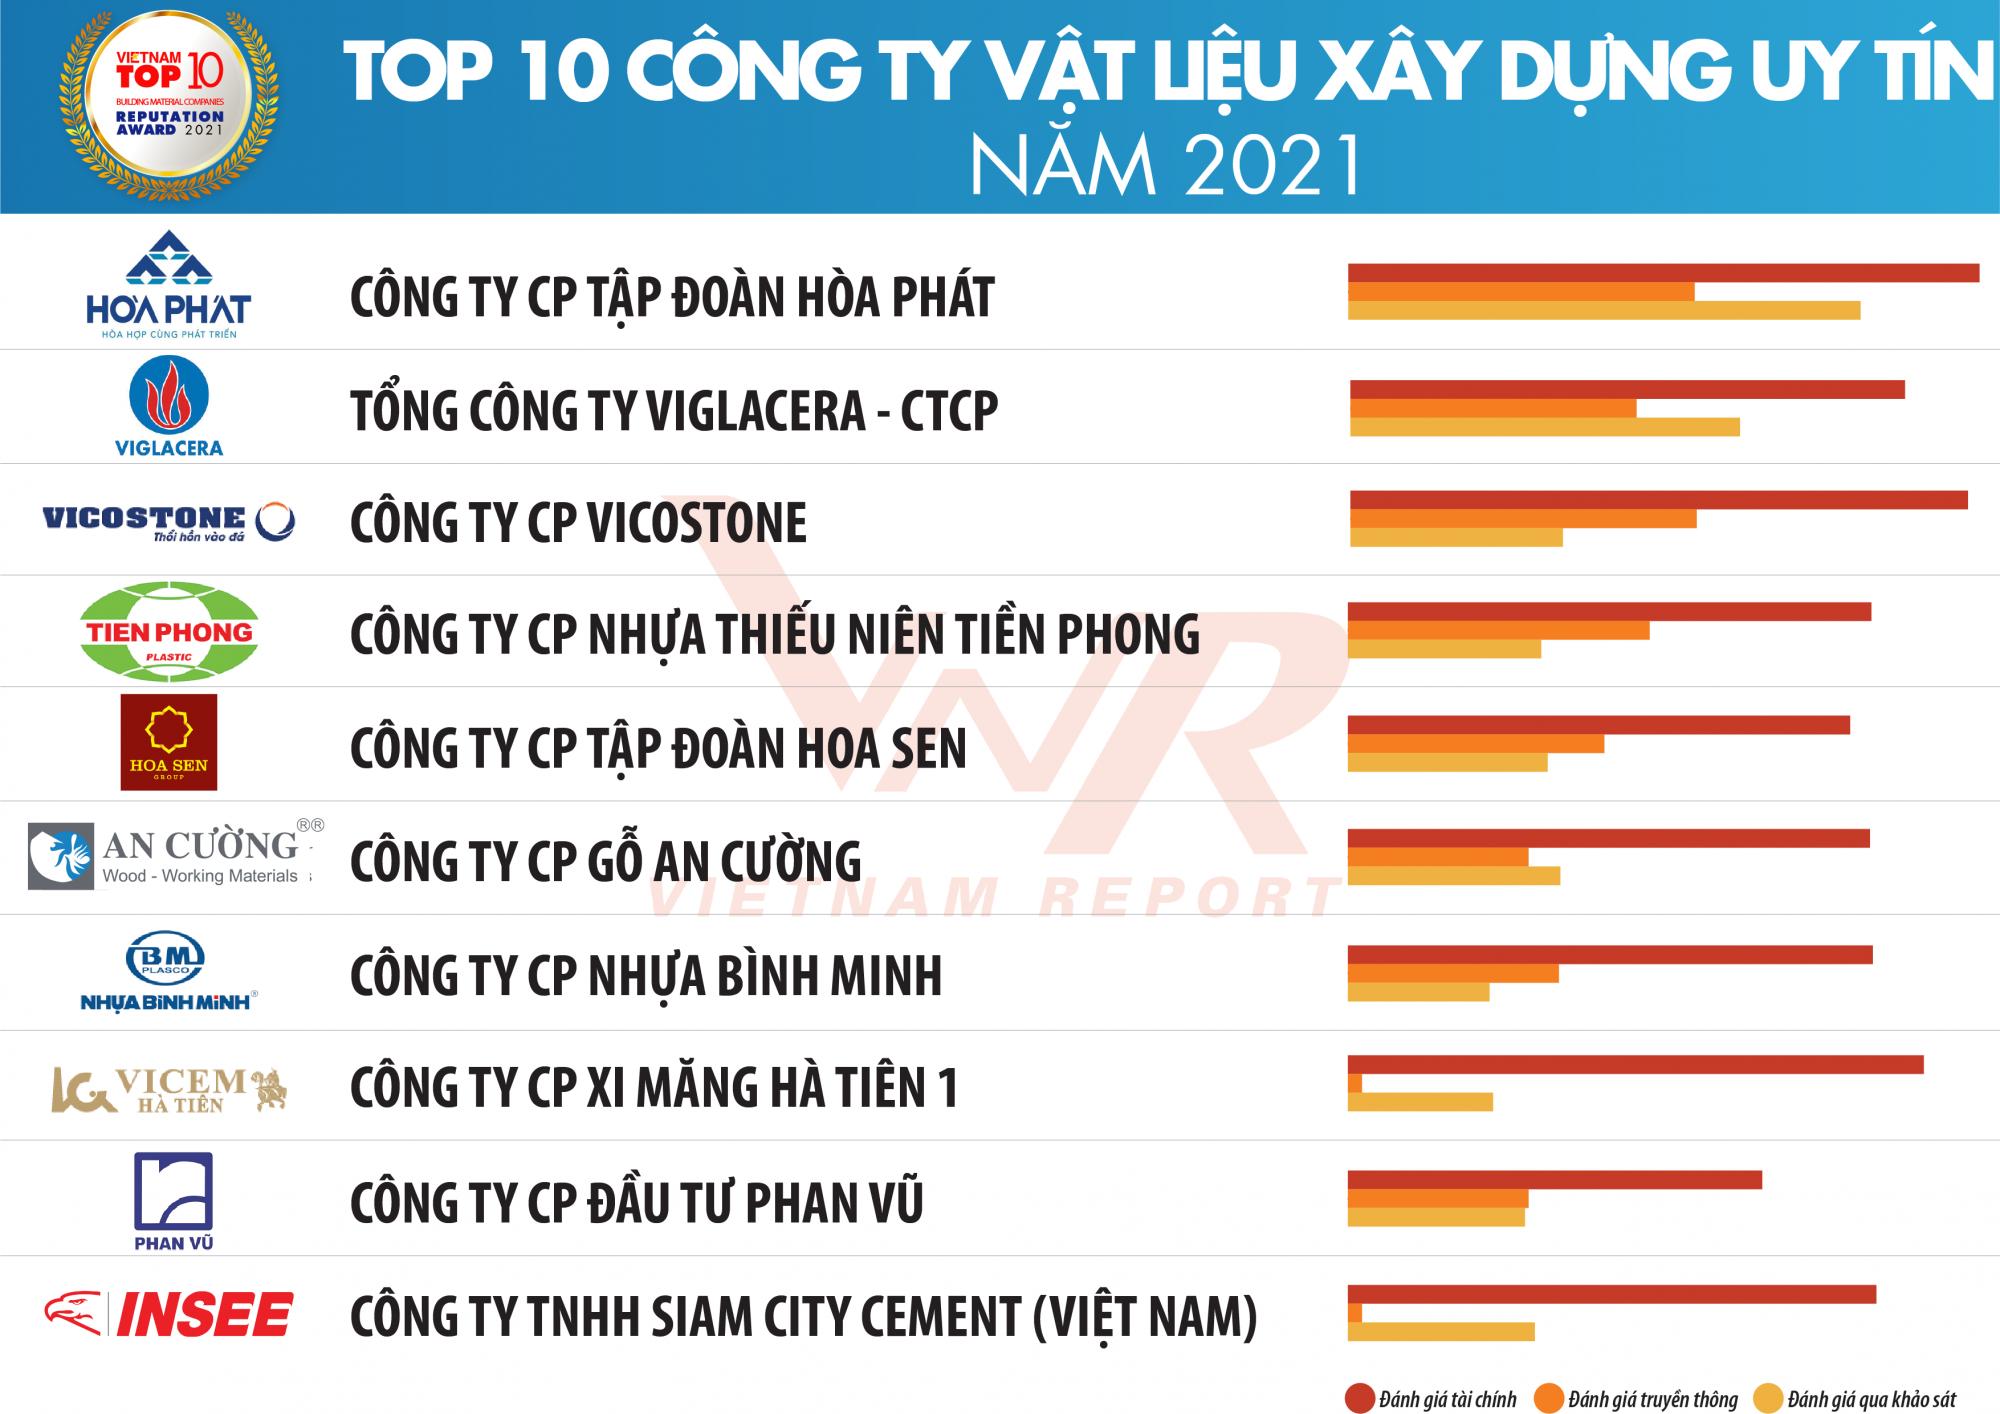 TBCB Top 10 XD-VLXD 2021_Danh sach 3_1